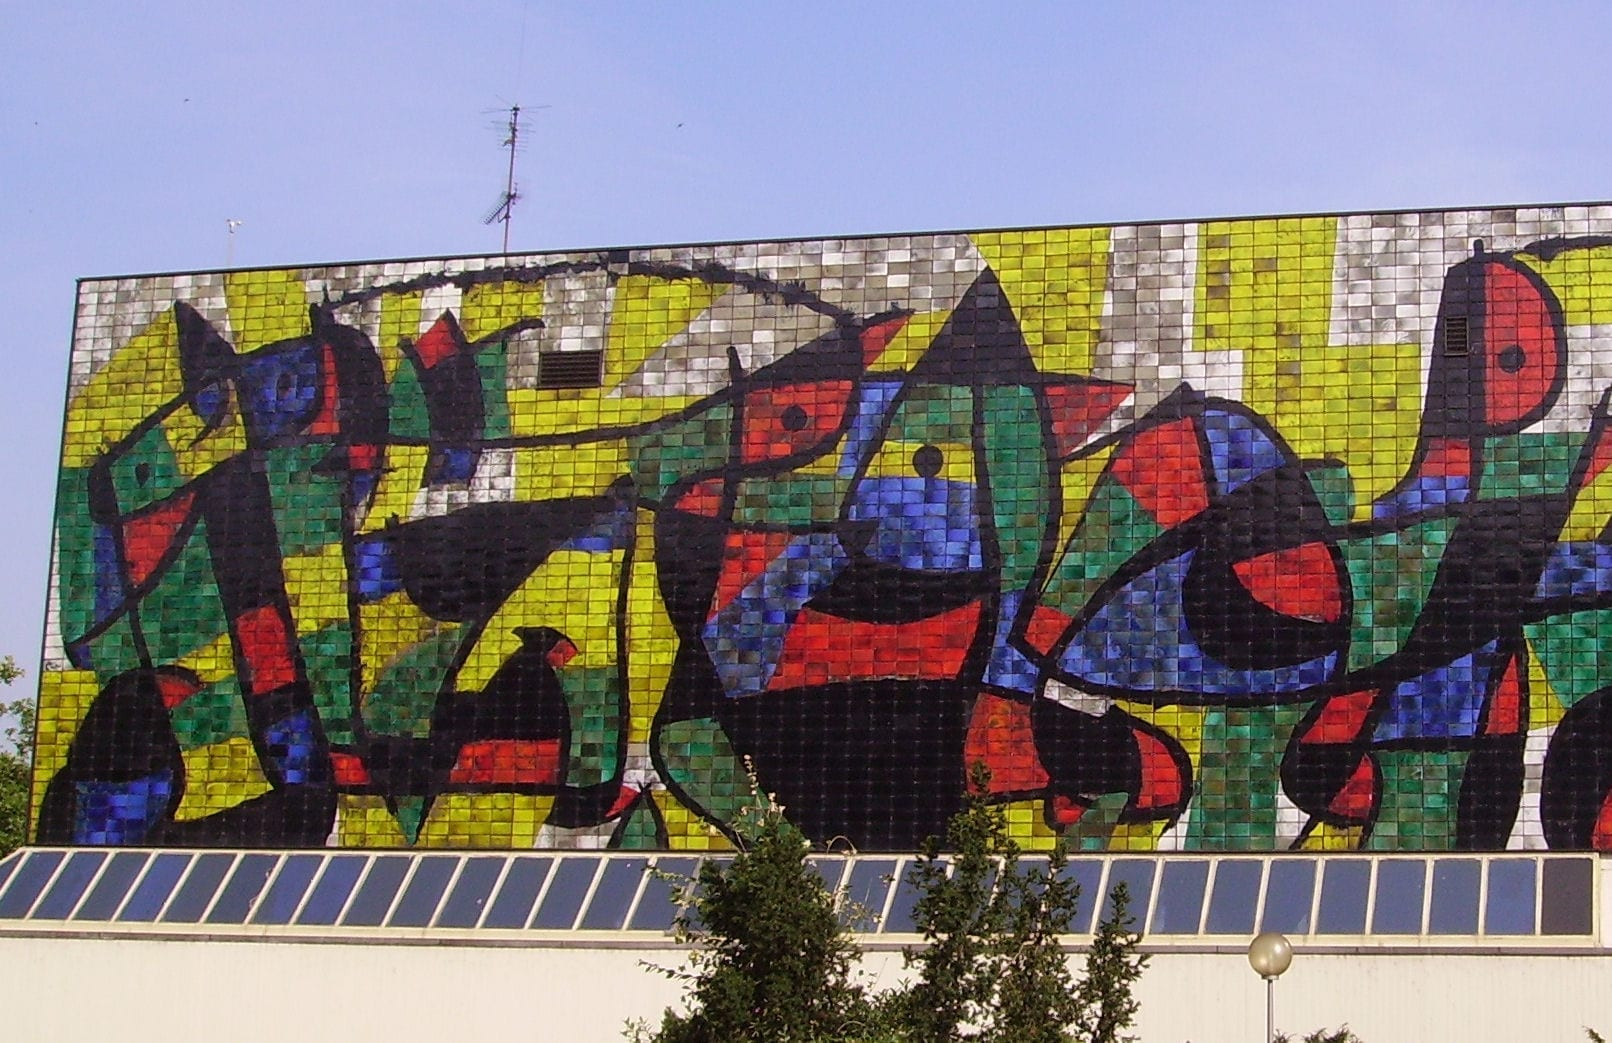 El mural de Miró, conocido como la Varita Miró, en el Museo Wilhelm-Hack. Ludwigshafen am Rhein Alemania